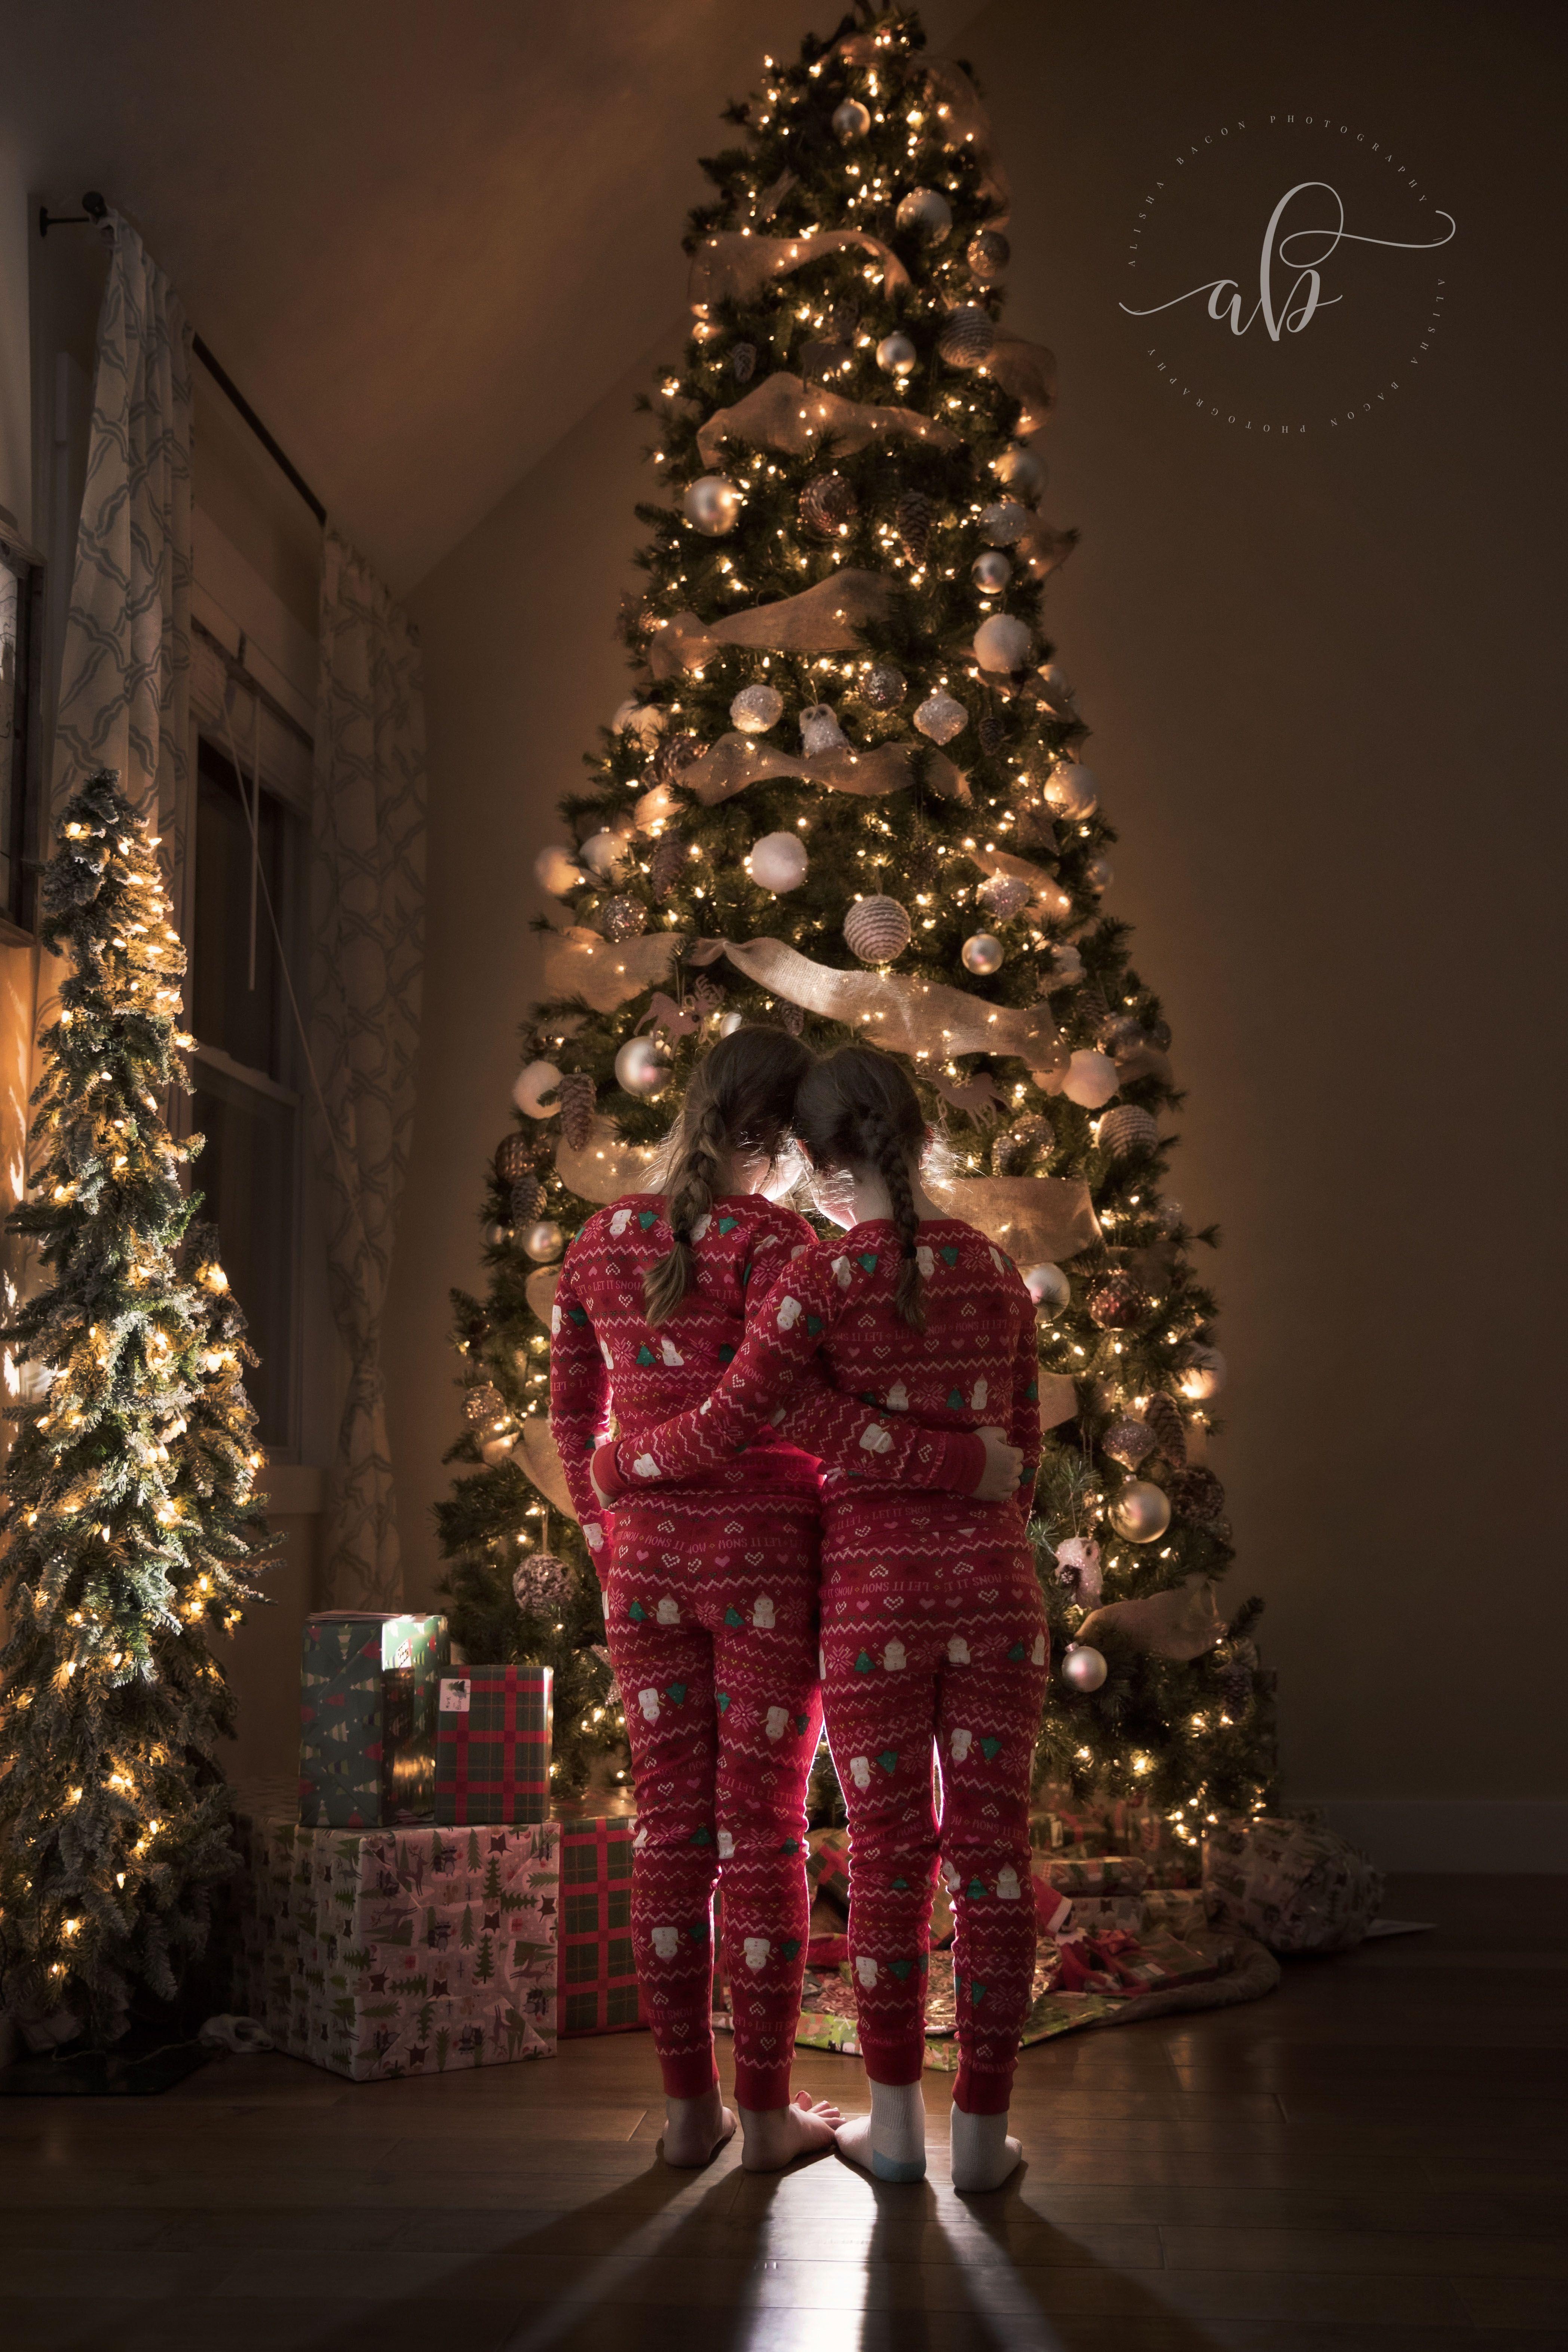 Day 353 Christmas Eve